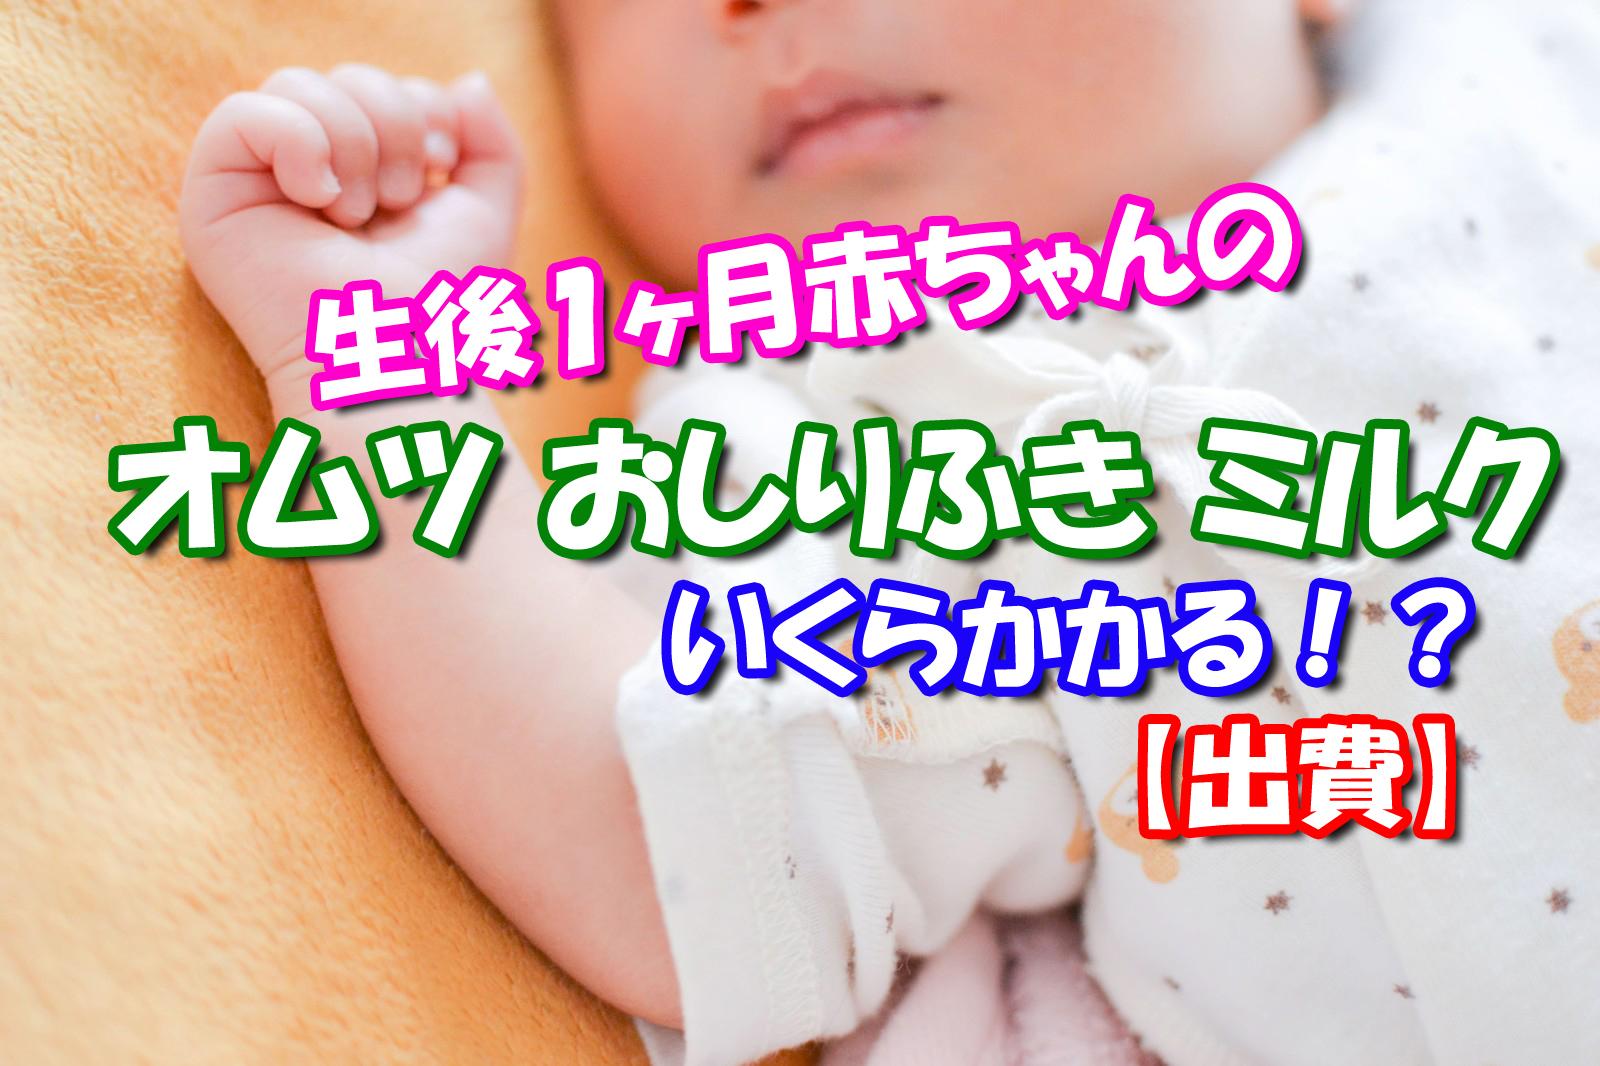 赤ちゃんのオムツおしりふきミルクにいくらかかる?